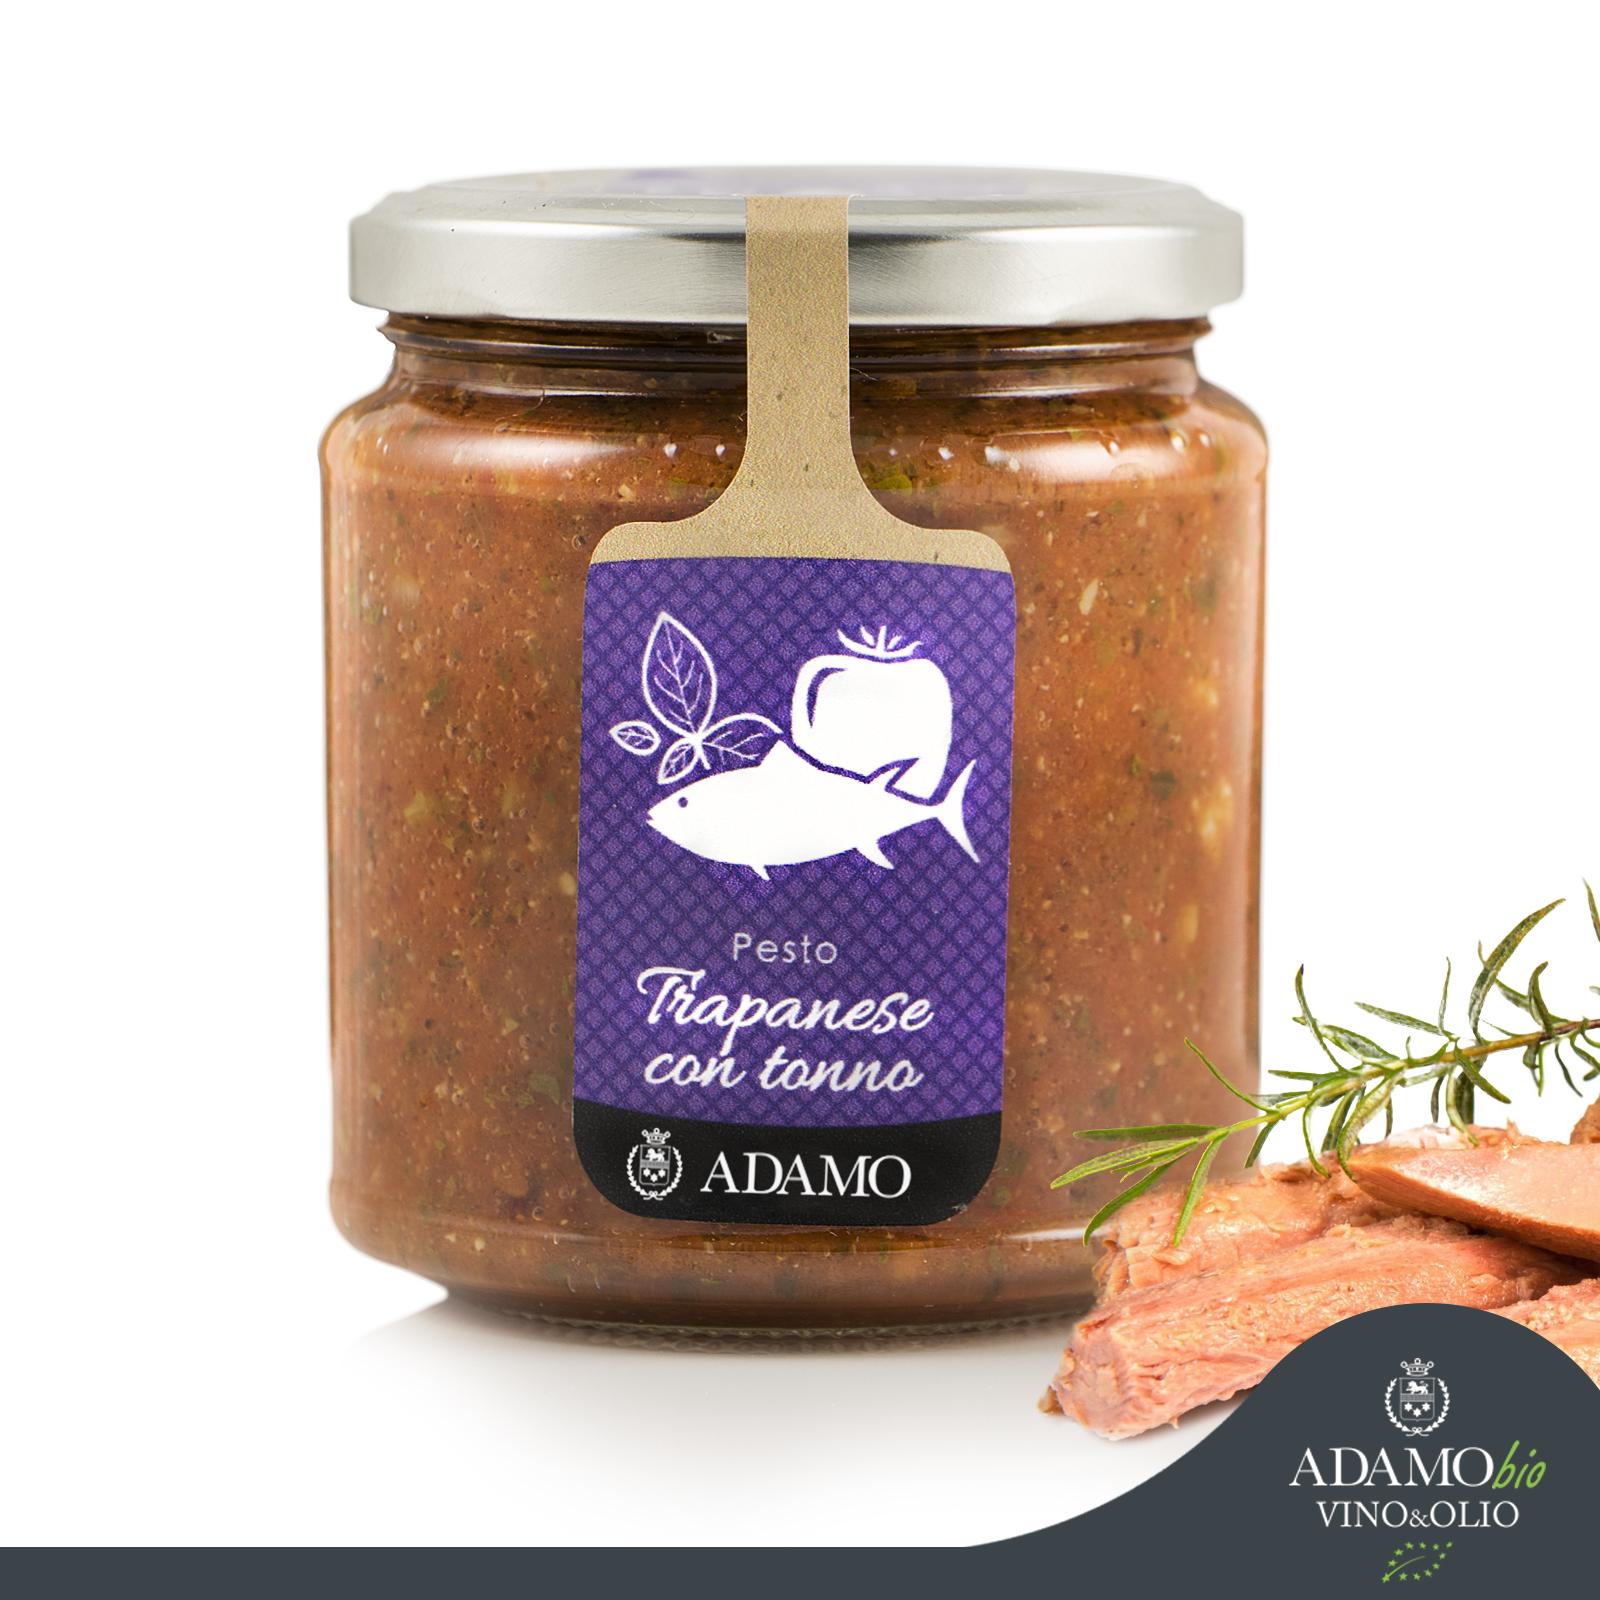 Pesto Trapanese with tuna - Azienda Agricola Biologica Adamo